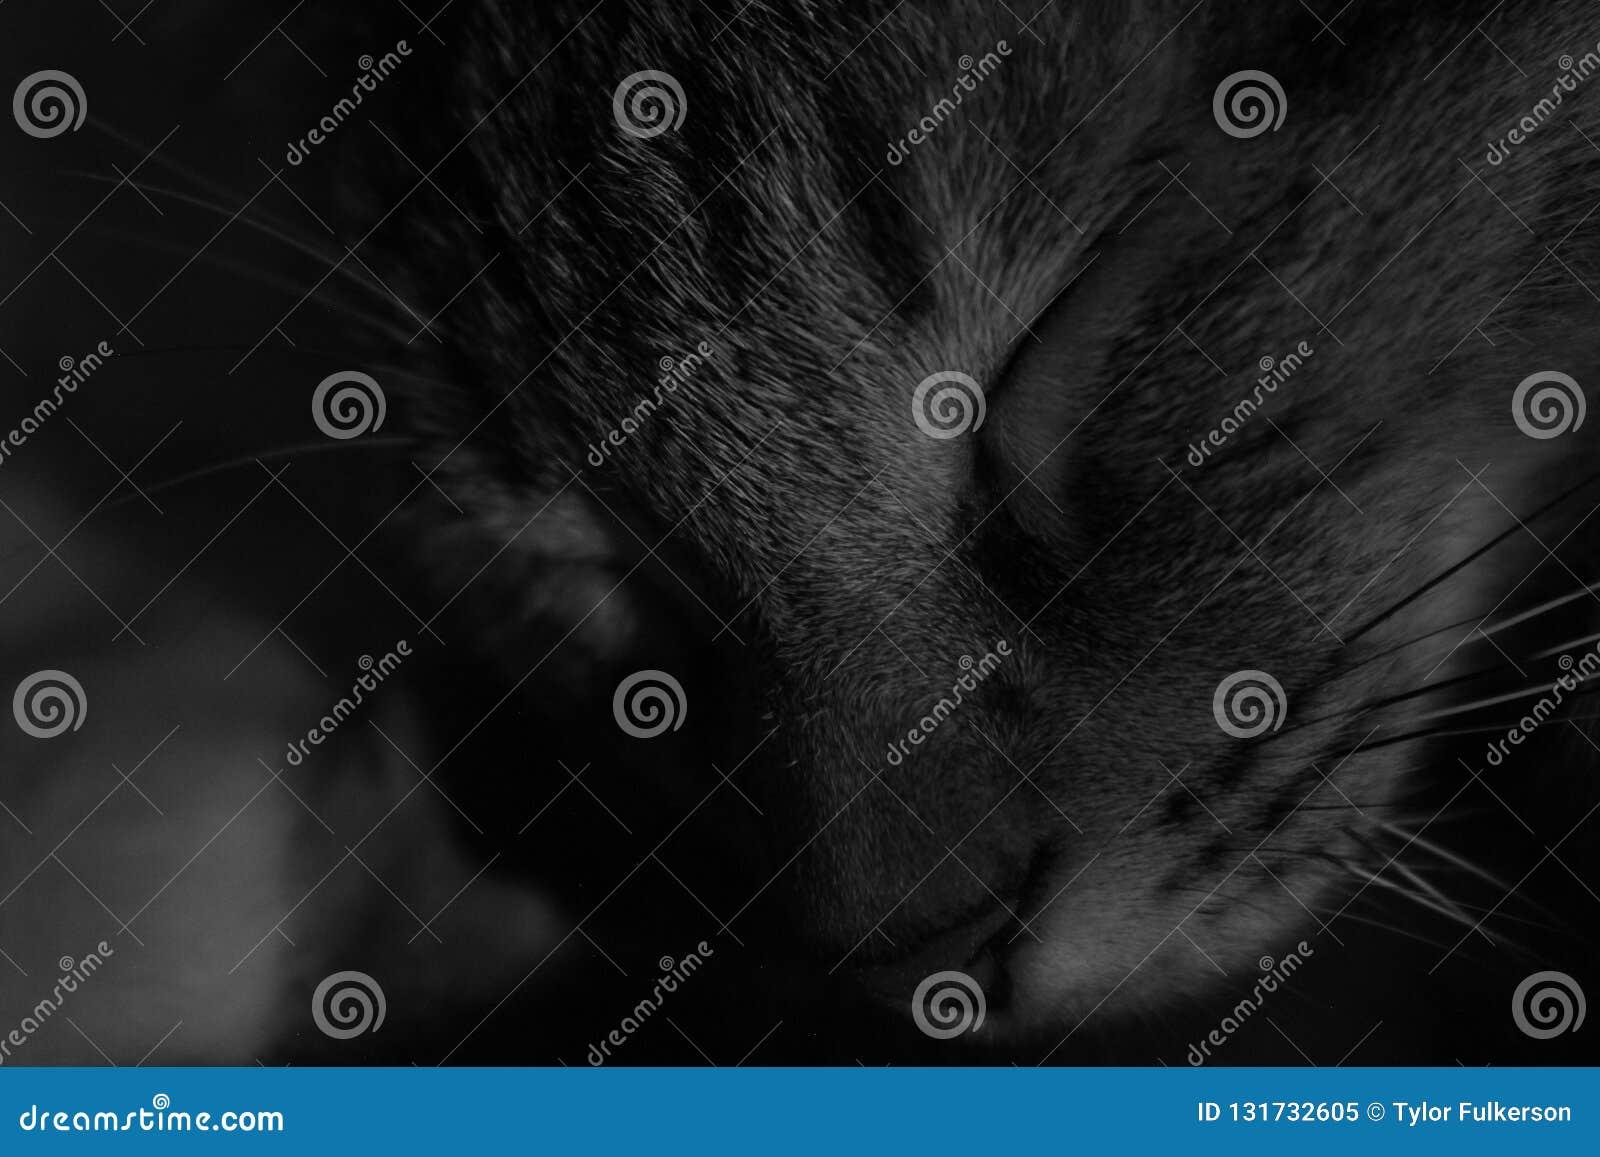 Cat With Eyes Closed preto e branco